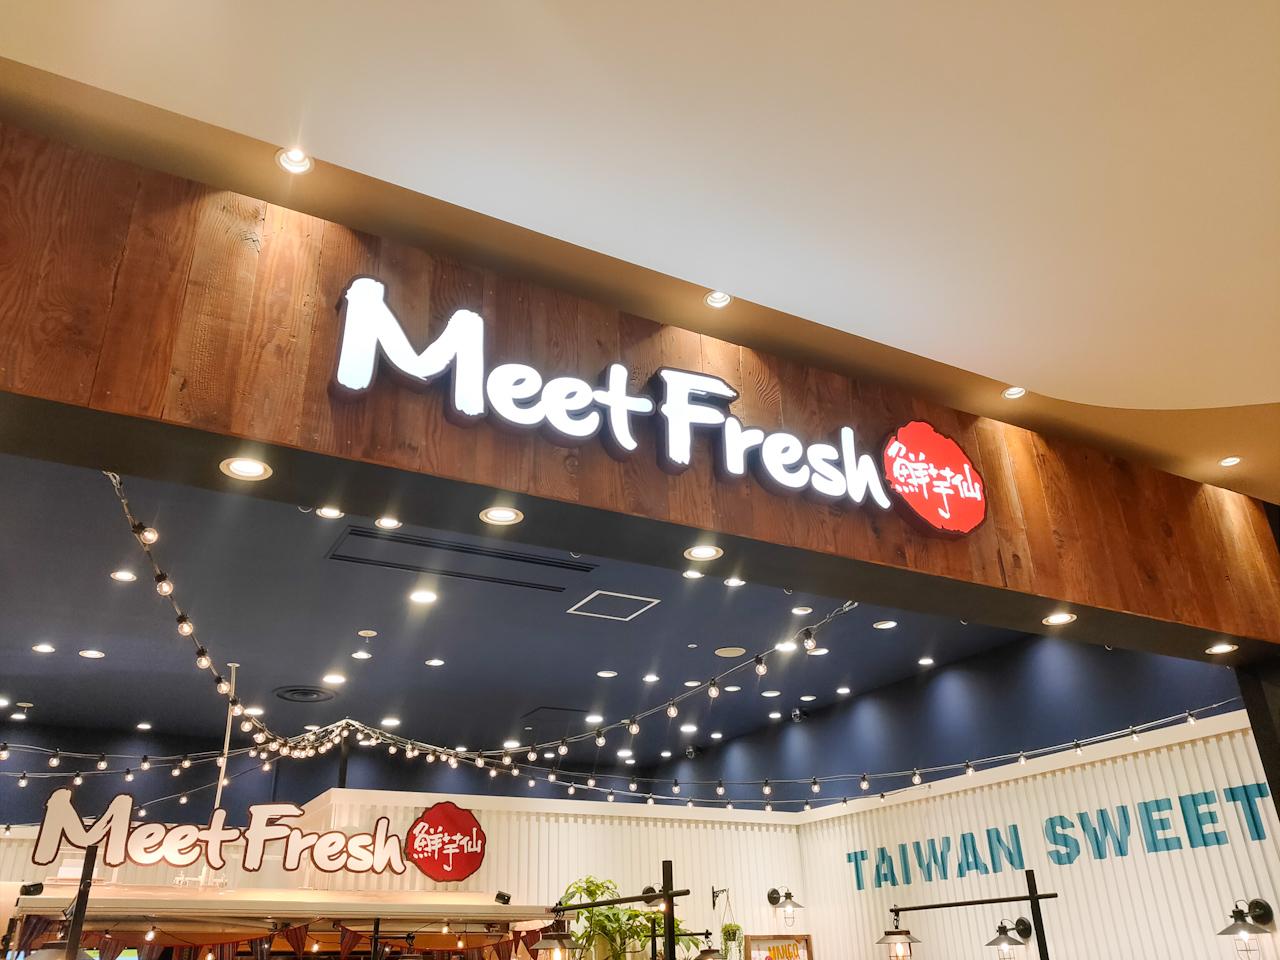 コクーンシティ・コクーン2の1階に「MeetFresh 鮮芋仙」がオープン